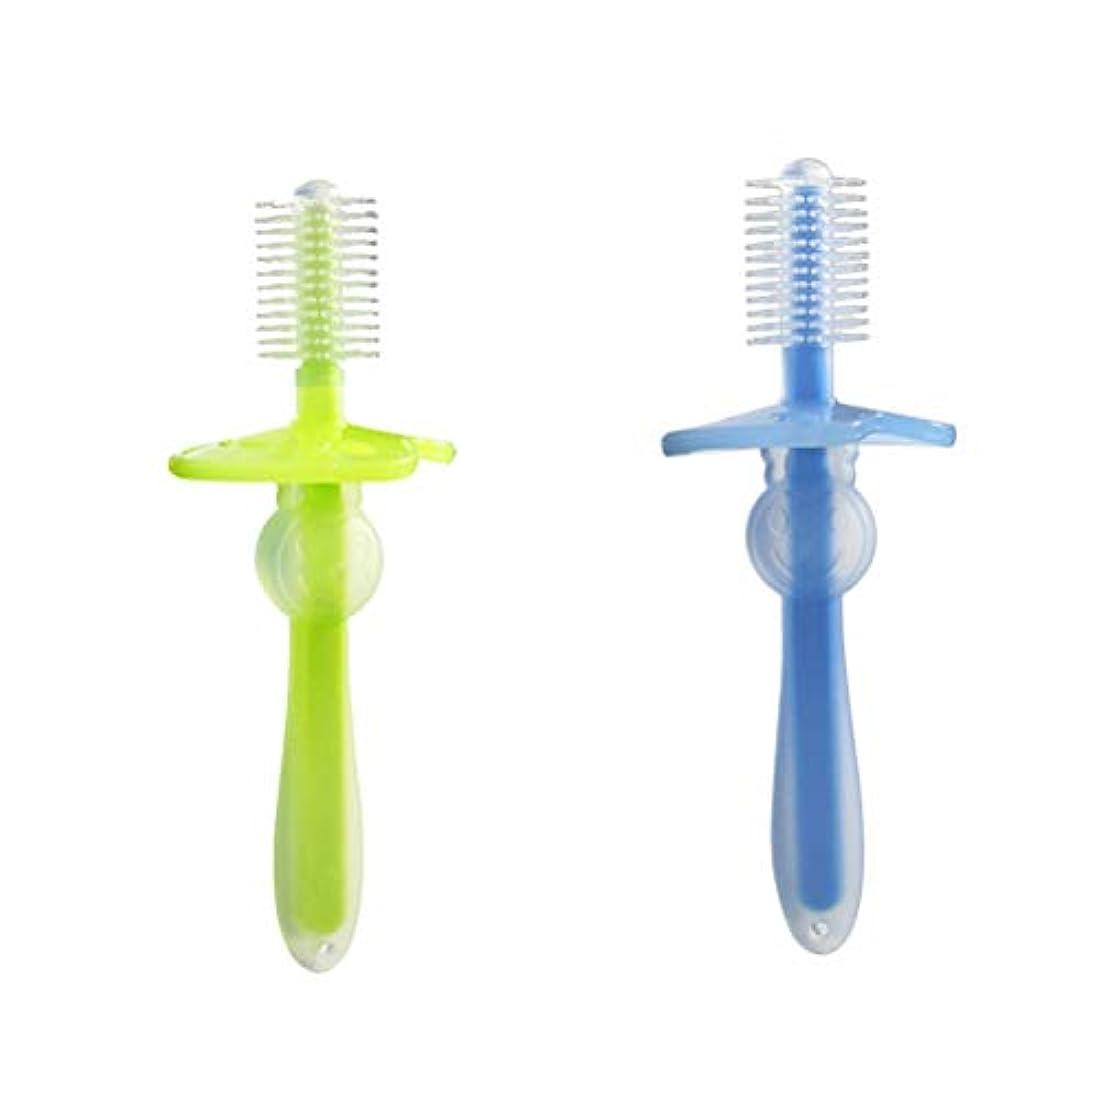 郡厚くするオンHealifty 歯ブラシ シリコン 360°ベビー歯ブラシ 幼児 柔軟なトレーニング歯ブラシ 2ピース(緑と青)